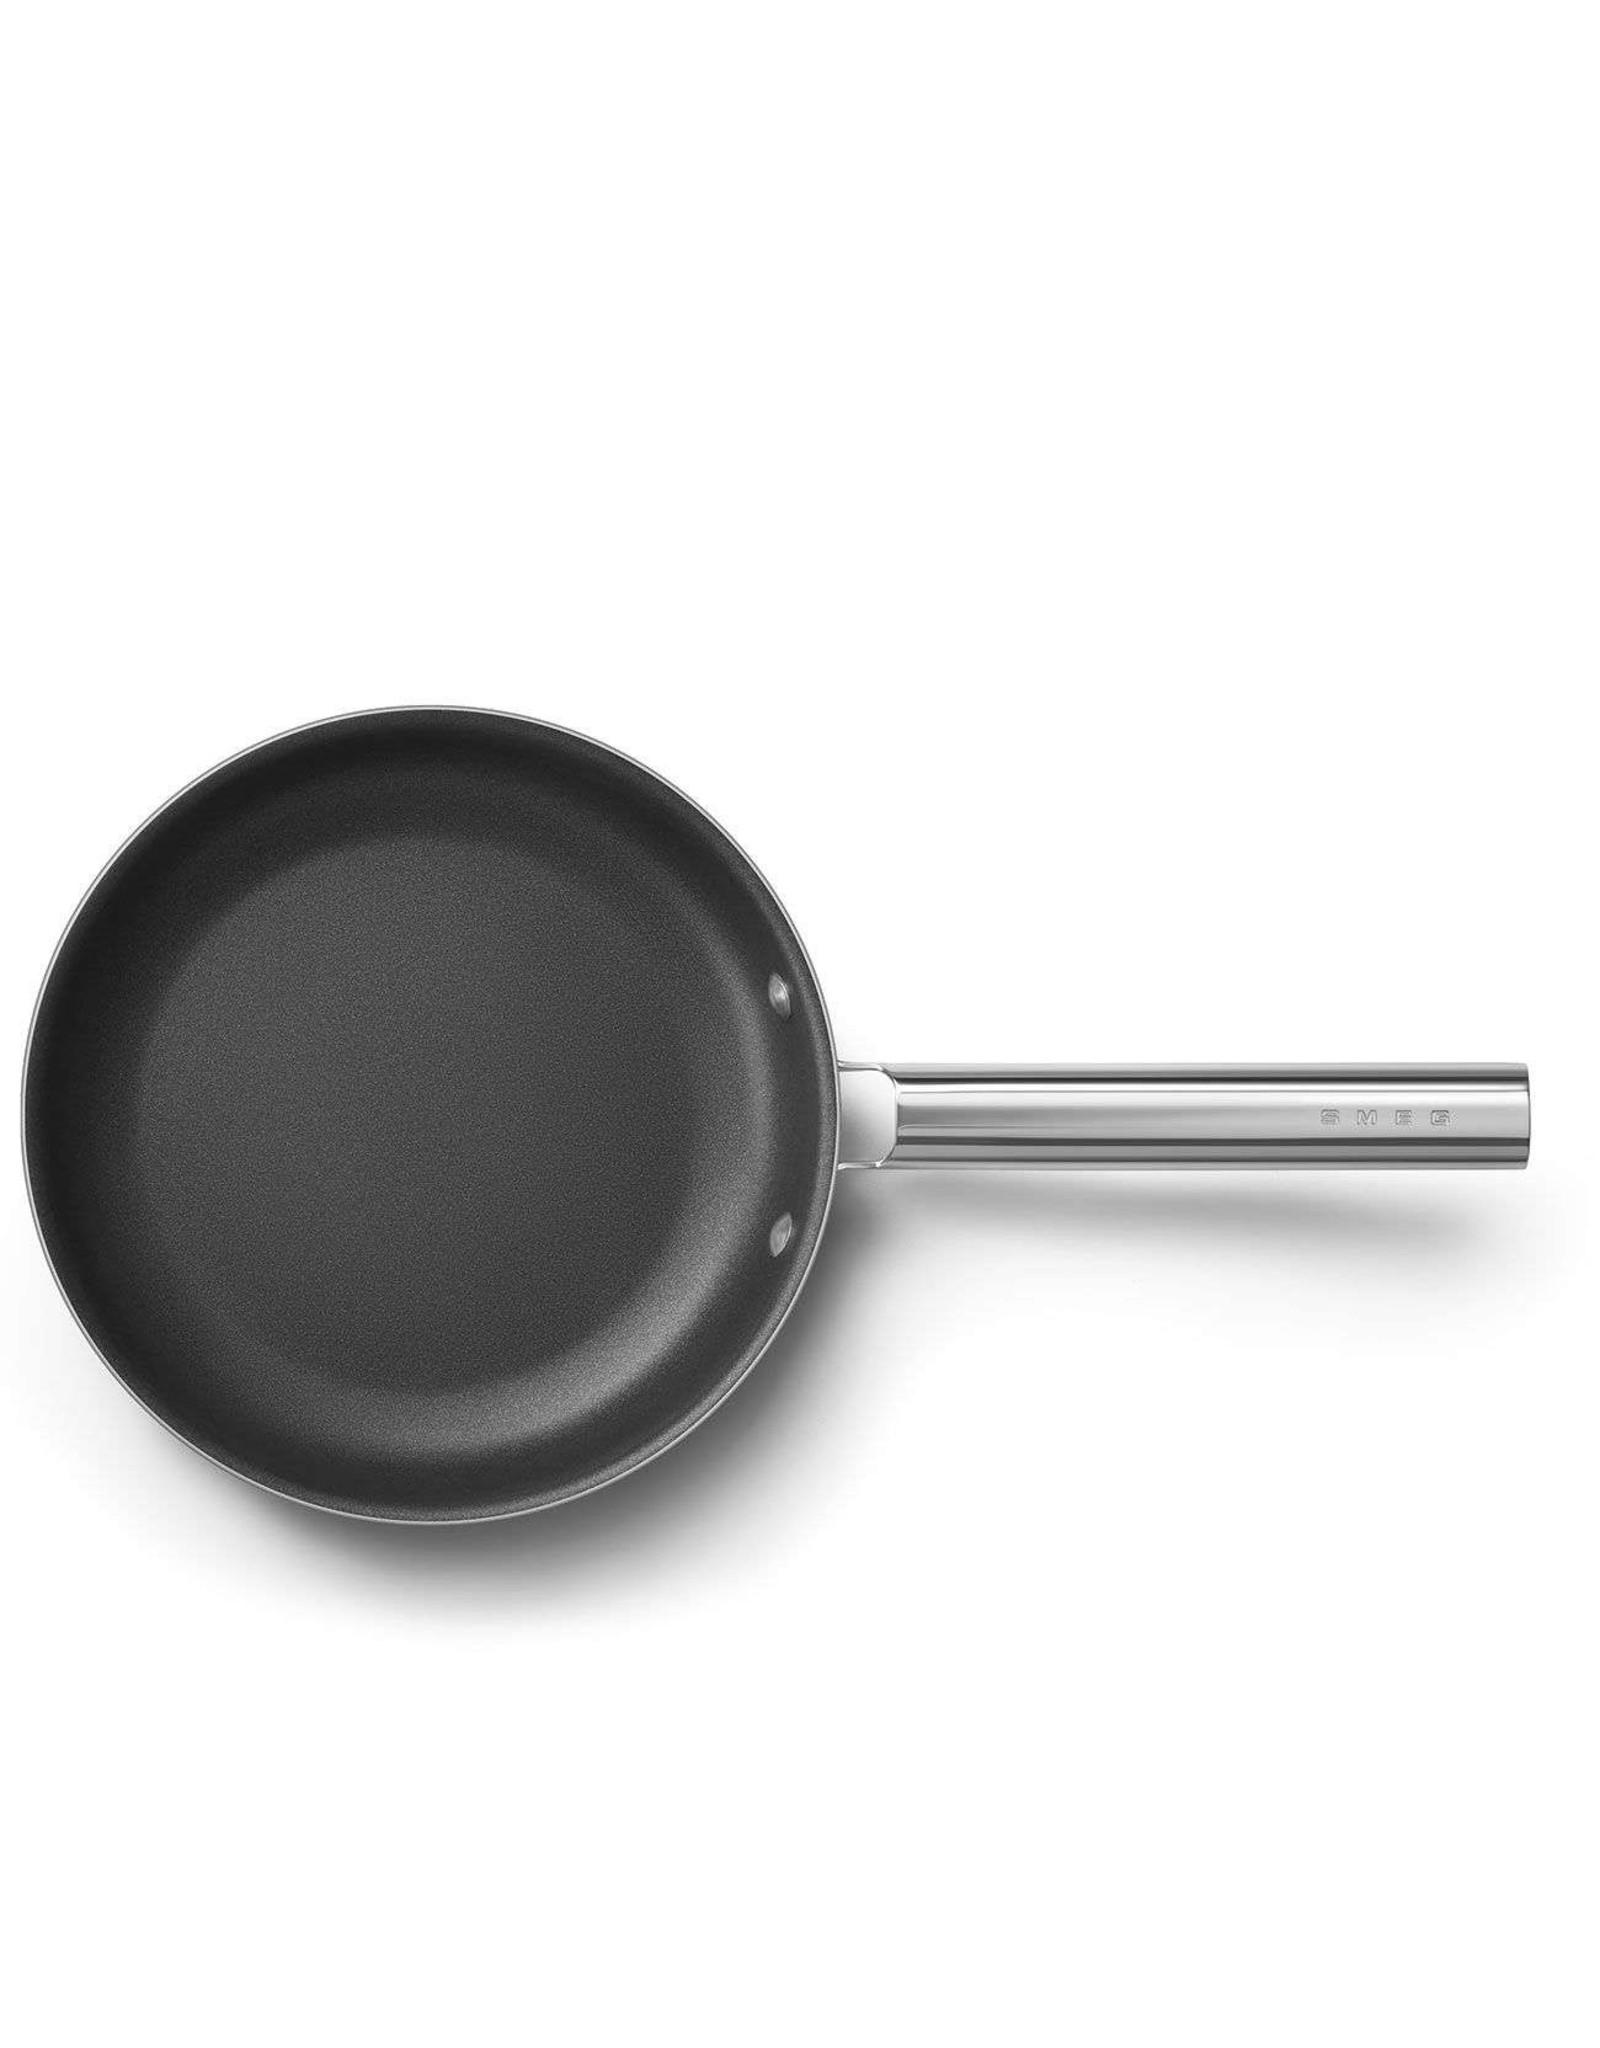 Smeg pannen Smeg. Koekenpan 26cm. Mat zwart